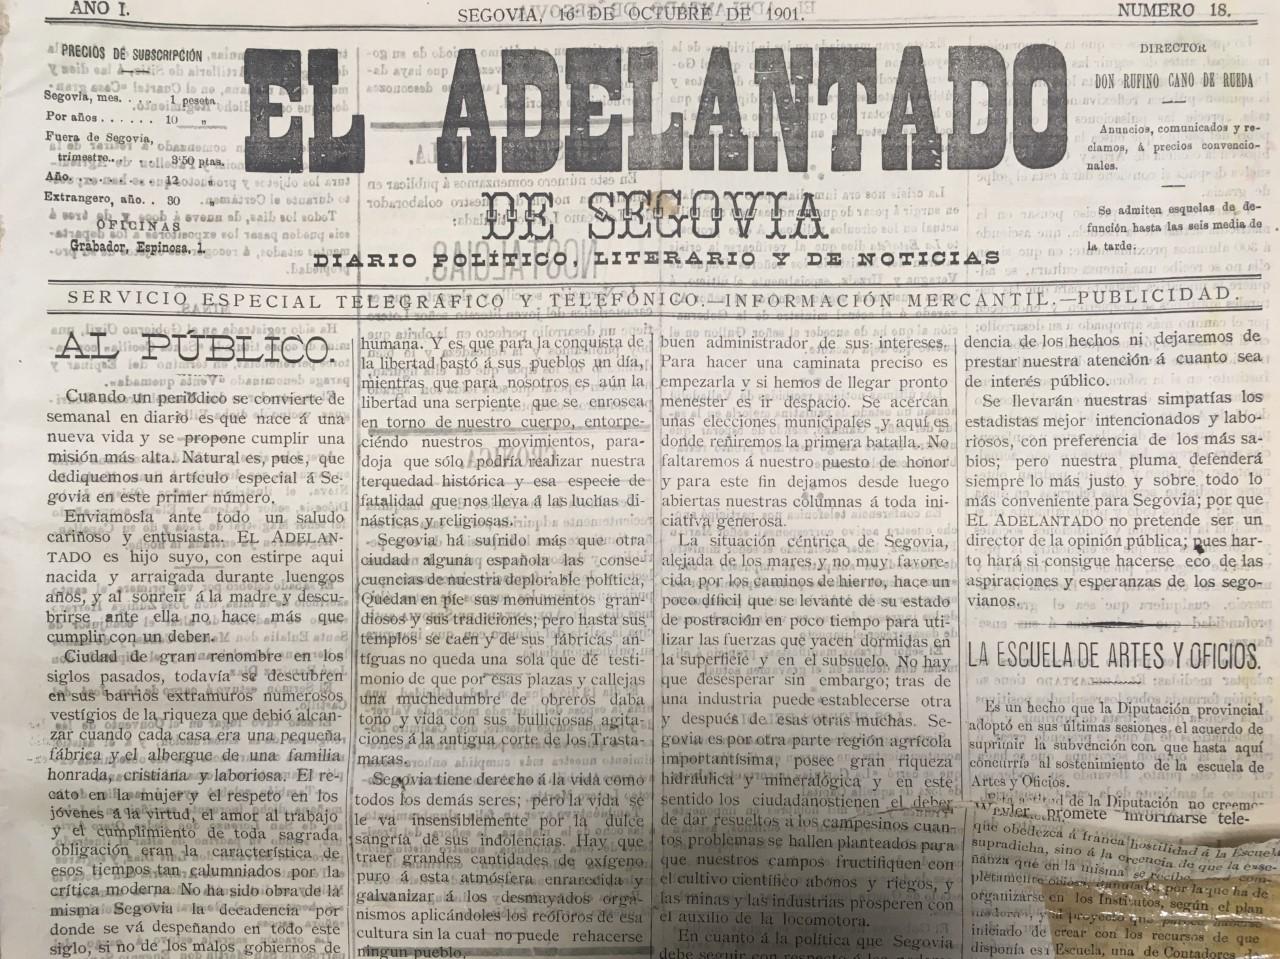 El Rey presidirá el comité de honor del 120 aniversario de EL ADELANTADO